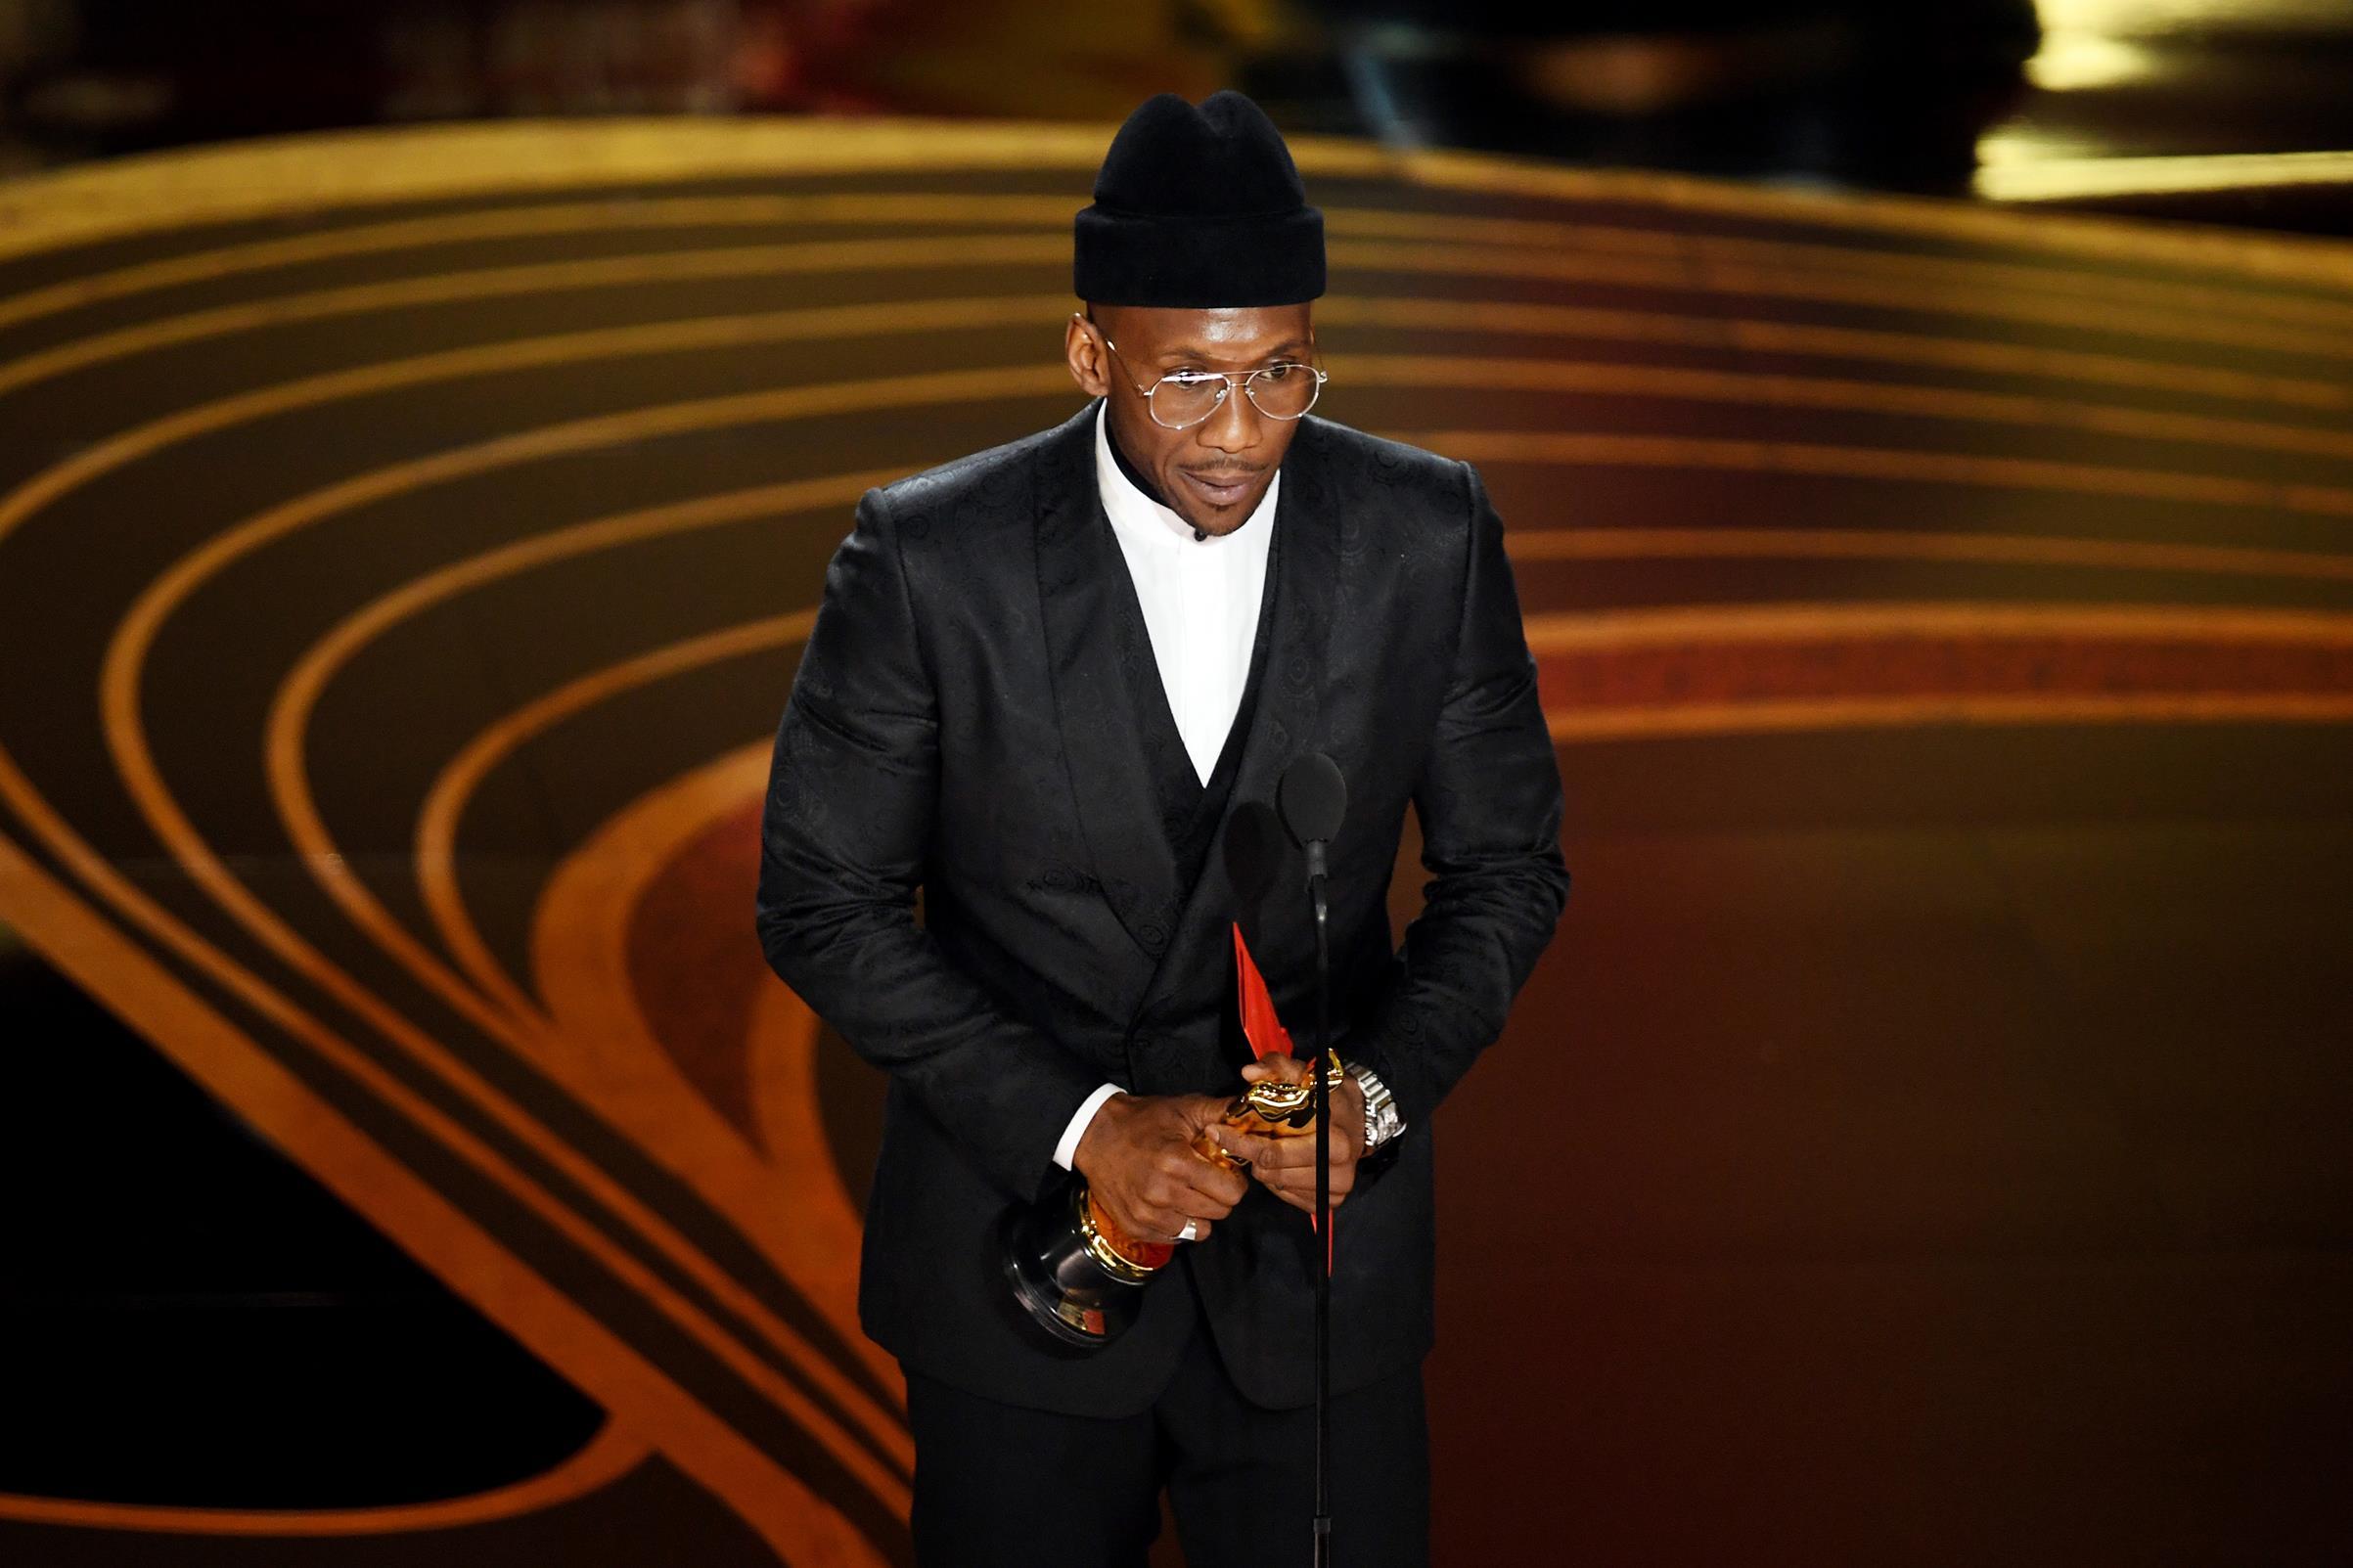 برندگان مراسم اسکار 2019